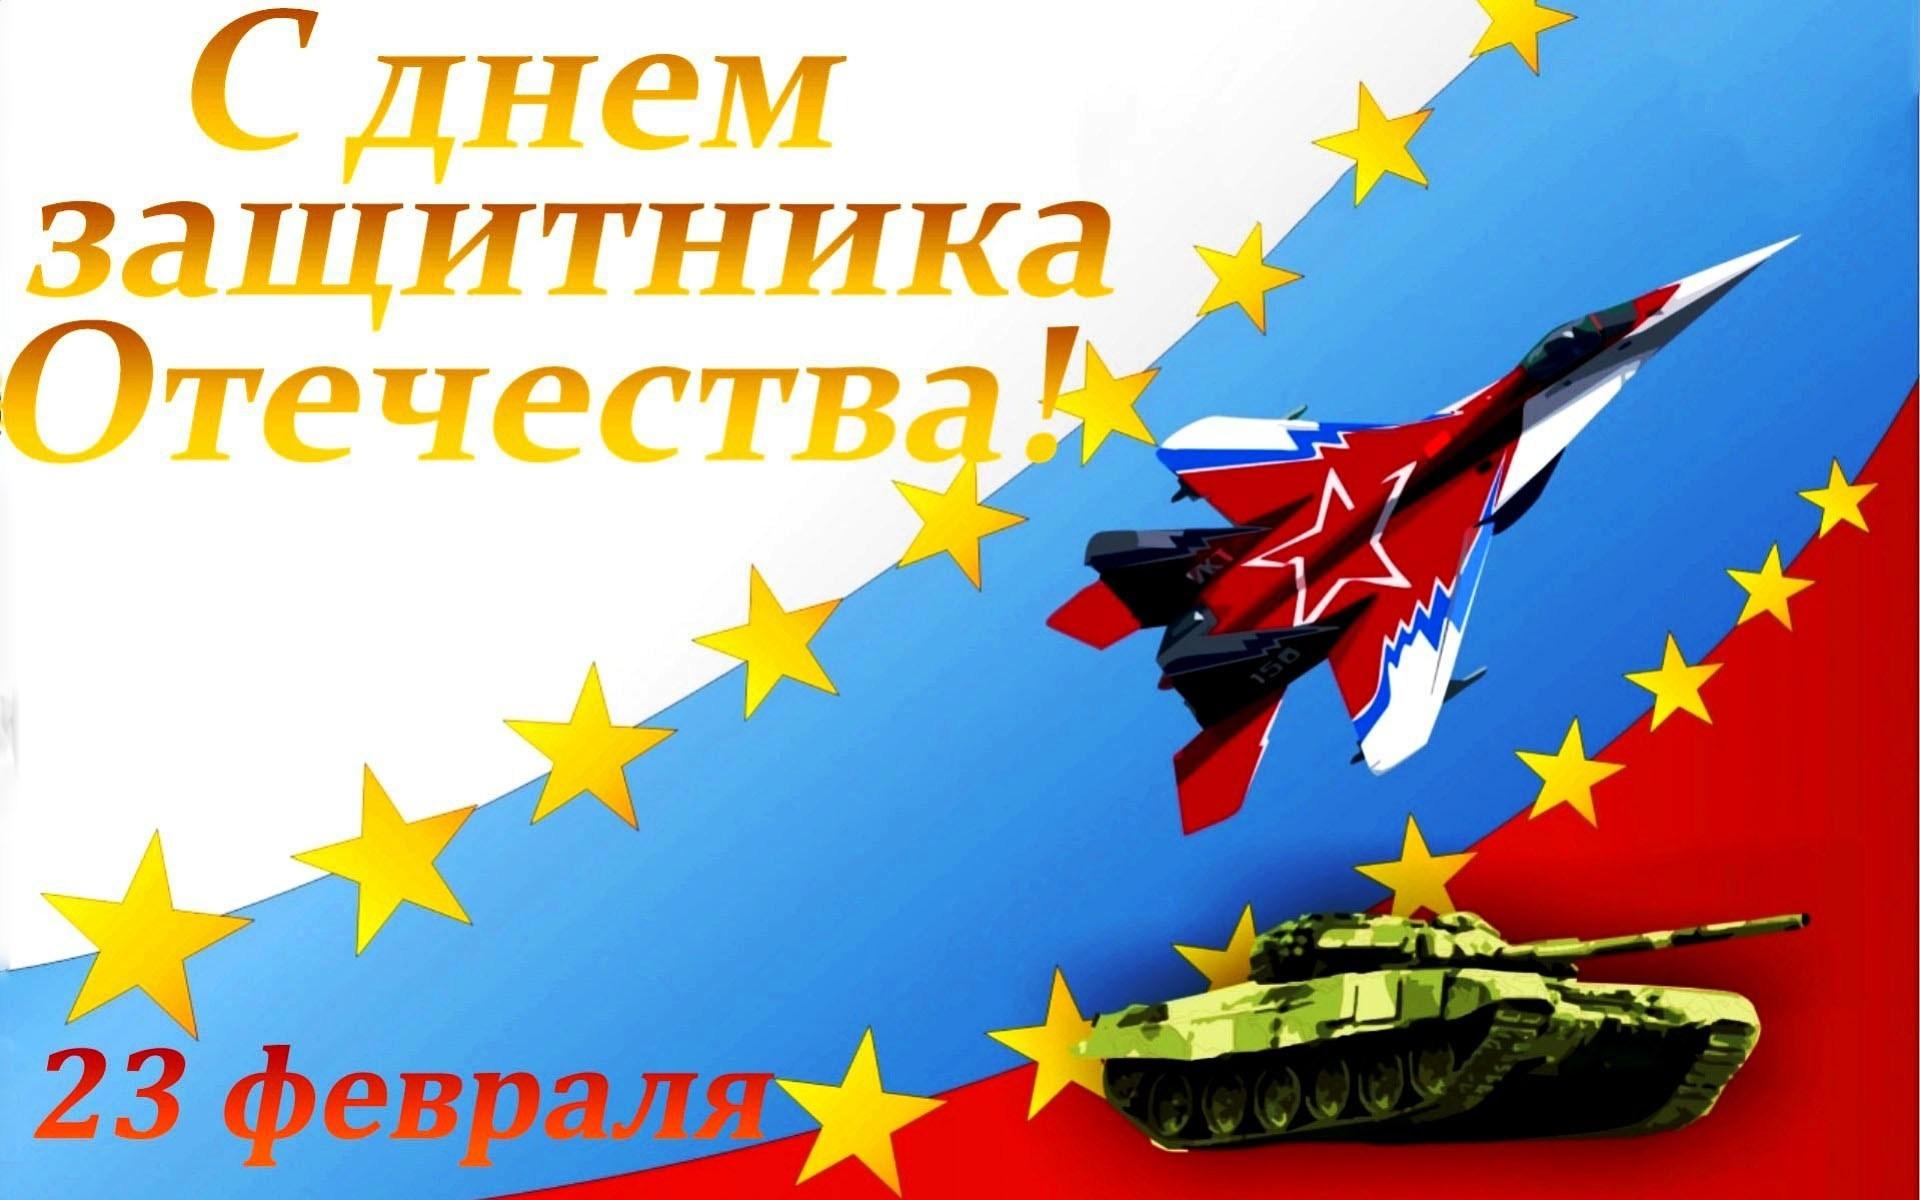 Днем рождения, открытки с днем защитника отечества 23 февраля живые обои